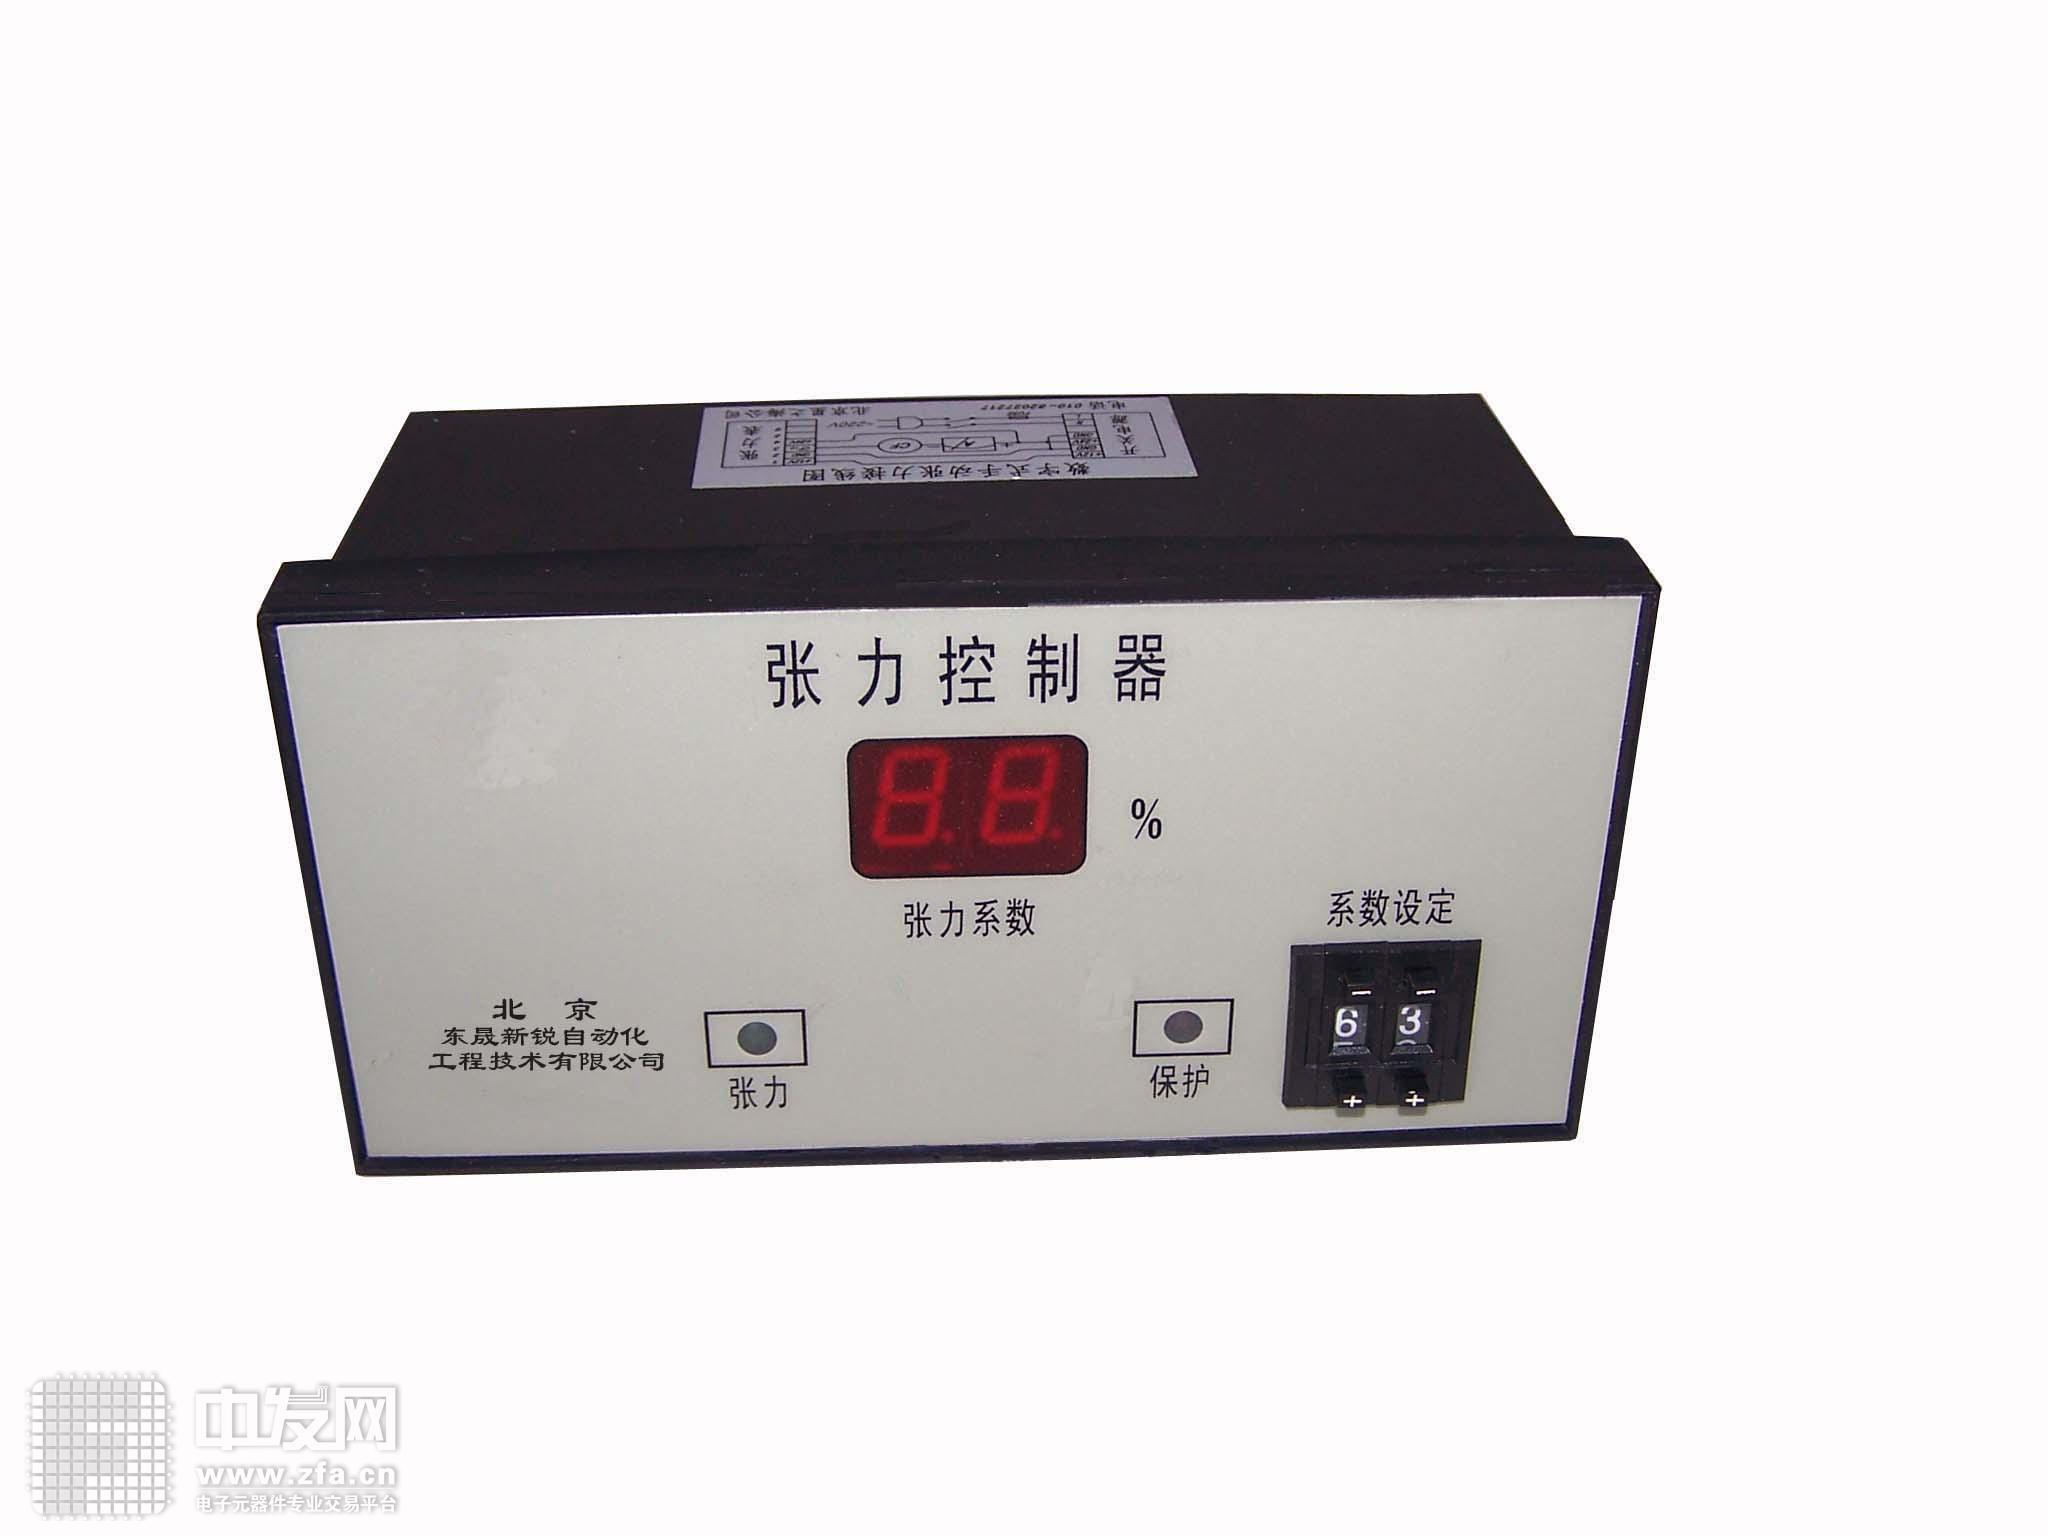 供应张力控制器-张力控制器价格-北京东晟新锐自动化